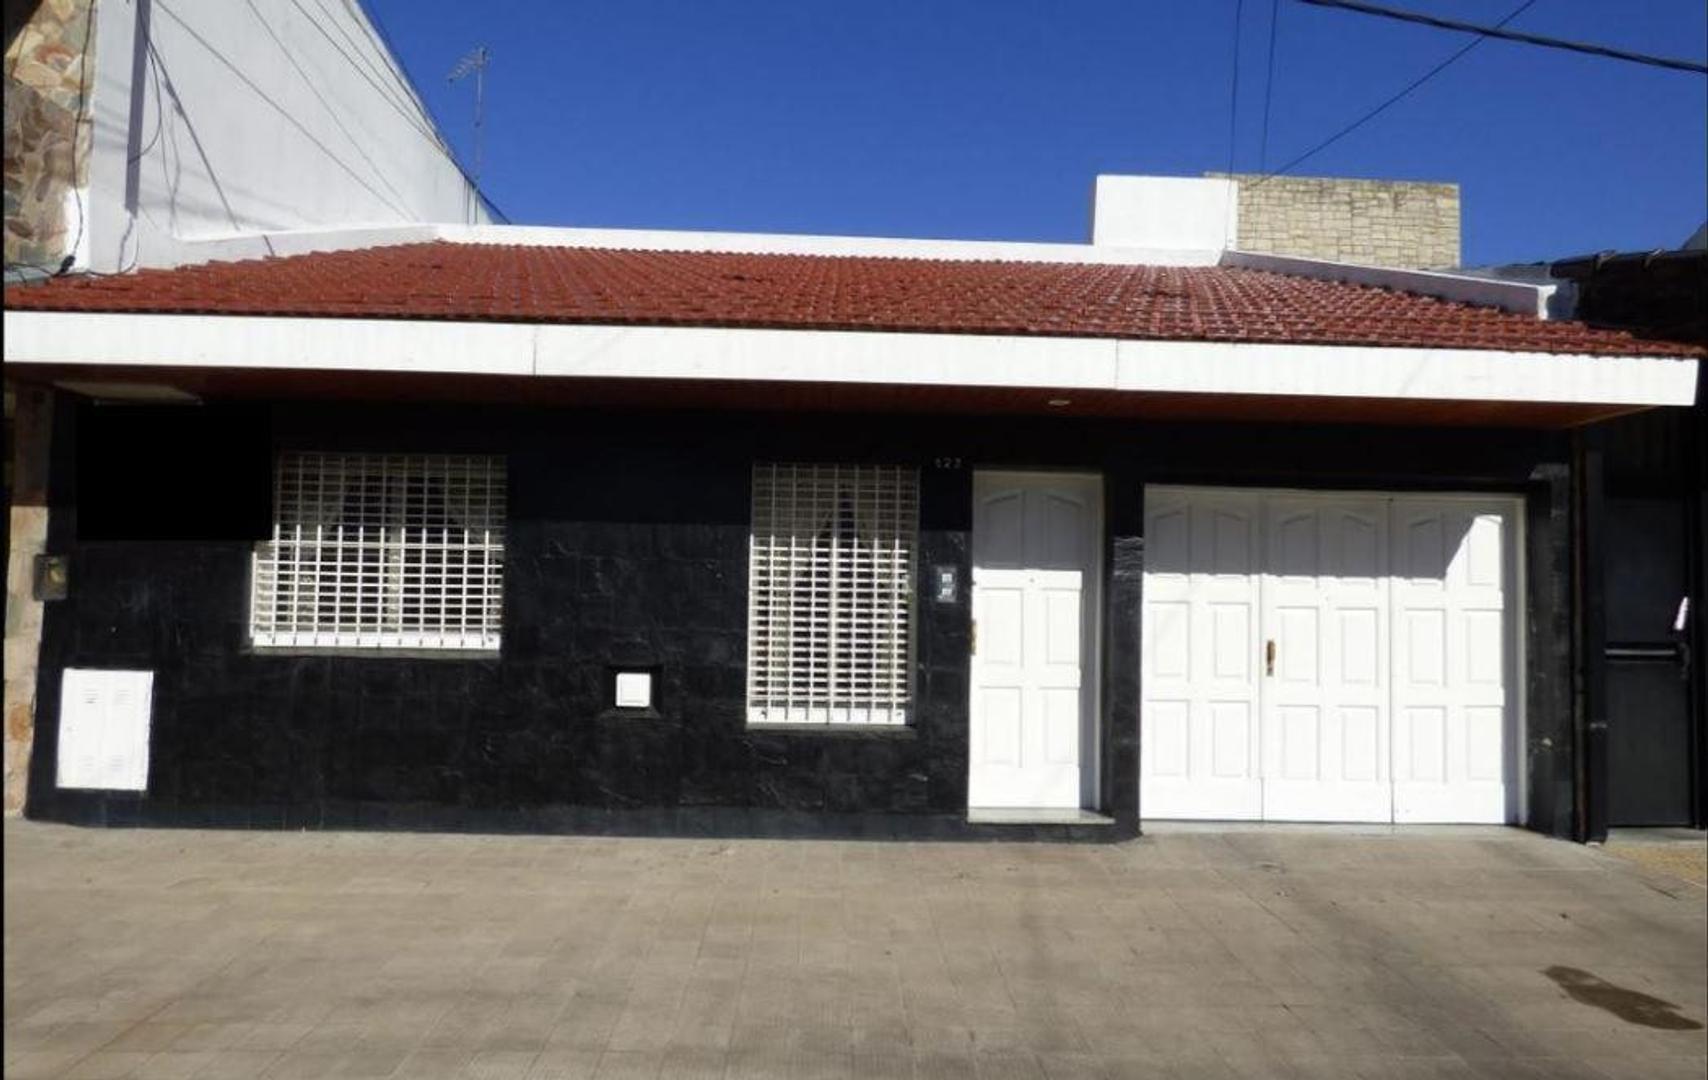 Casa en venta La Plata Calle 26 e/ 34 y 35  Dacal Bienes Raices